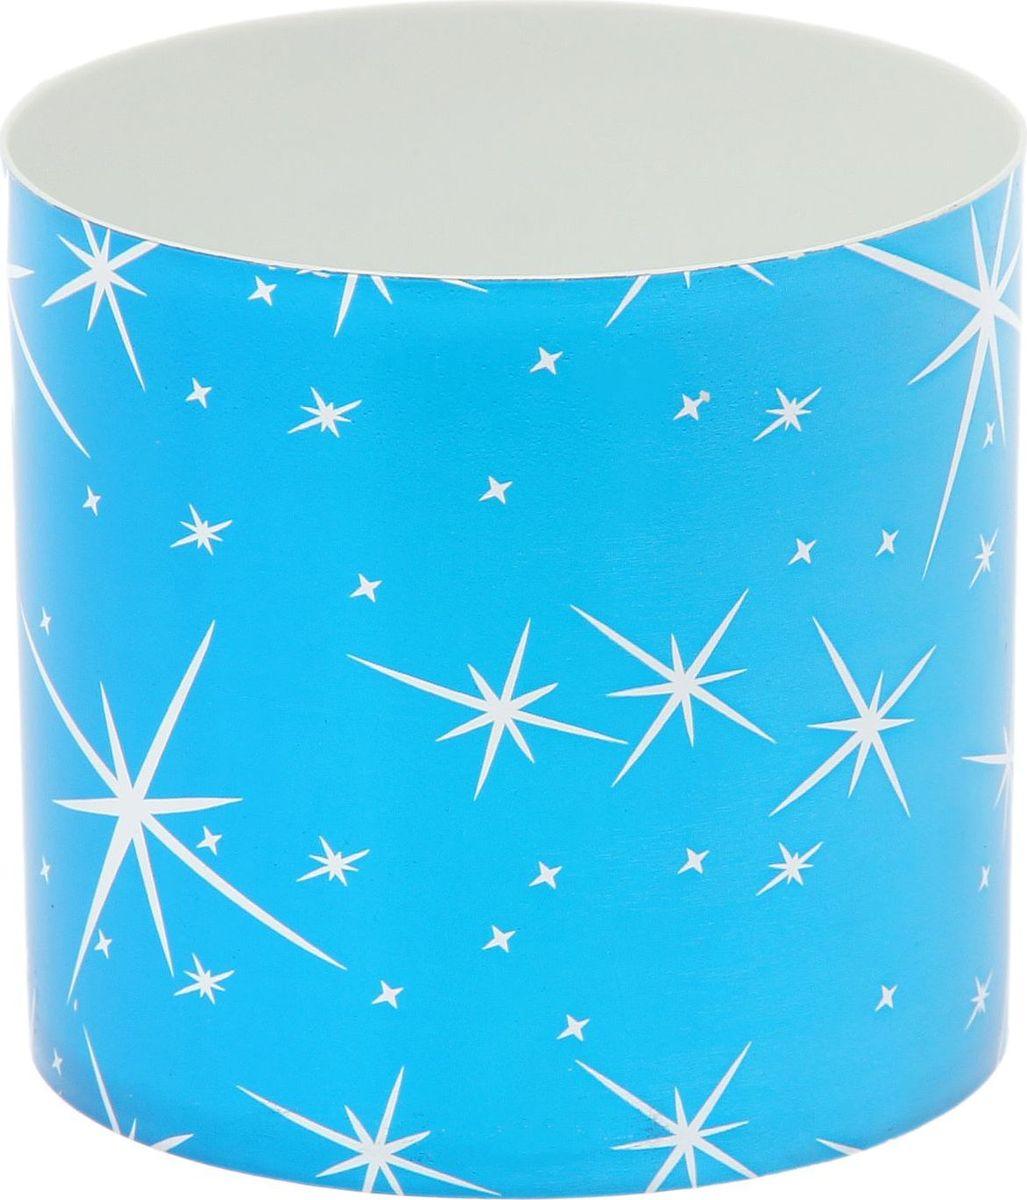 Горшок для цветов Simple Garden Звезды, со скрытым поддоном, цвет: голубой металлик, 1 л531-402Любой, даже самый современный и продуманный интерьер будет незавершённым без растений. Они не только очищают воздух и насыщают его кислородом, но и украшают окружающее пространство. Такому полезному члену семьи просто необходим красивый и функциональный дом! Мы предлагаем #name#! Оптимальный выбор материала — пластмасса! Почему мы так считаем?Малый вес. С лёгкостью переносите горшки и кашпо с места на место, ставьте их на столики или полки, не беспокоясь о нагрузке. Простота ухода. Кашпо не нуждается в специальных условиях хранения. Его легко чистить — достаточно просто сполоснуть тёплой водой. Никаких потёртостей. Такие кашпо не царапают и не загрязняют поверхности, на которых стоят. Пластик дольше хранит влагу, а значит, растение реже нуждается в поливе. Пластмасса не пропускает воздух — корневой системе растения не грозят резкие перепады температур. Огромный выбор форм, декора и расцветок — вы без труда найдёте что-то, что идеально впишется в уже существующий интерьер. Соблюдая нехитрые правила ухода, вы можете заметно продлить срок службы горшков и кашпо из пластика:всегда учитывайте размер кроны и корневой системы (при разрастании большое растение способно повредить маленький горшок)берегите изделие от воздействия прямых солнечных лучей, чтобы горшки не выцветалидержите кашпо из пластика подальше от нагревающихся поверхностей. Создавайте прекрасные цветочные композиции, выращивайте рассаду или необычные растения.